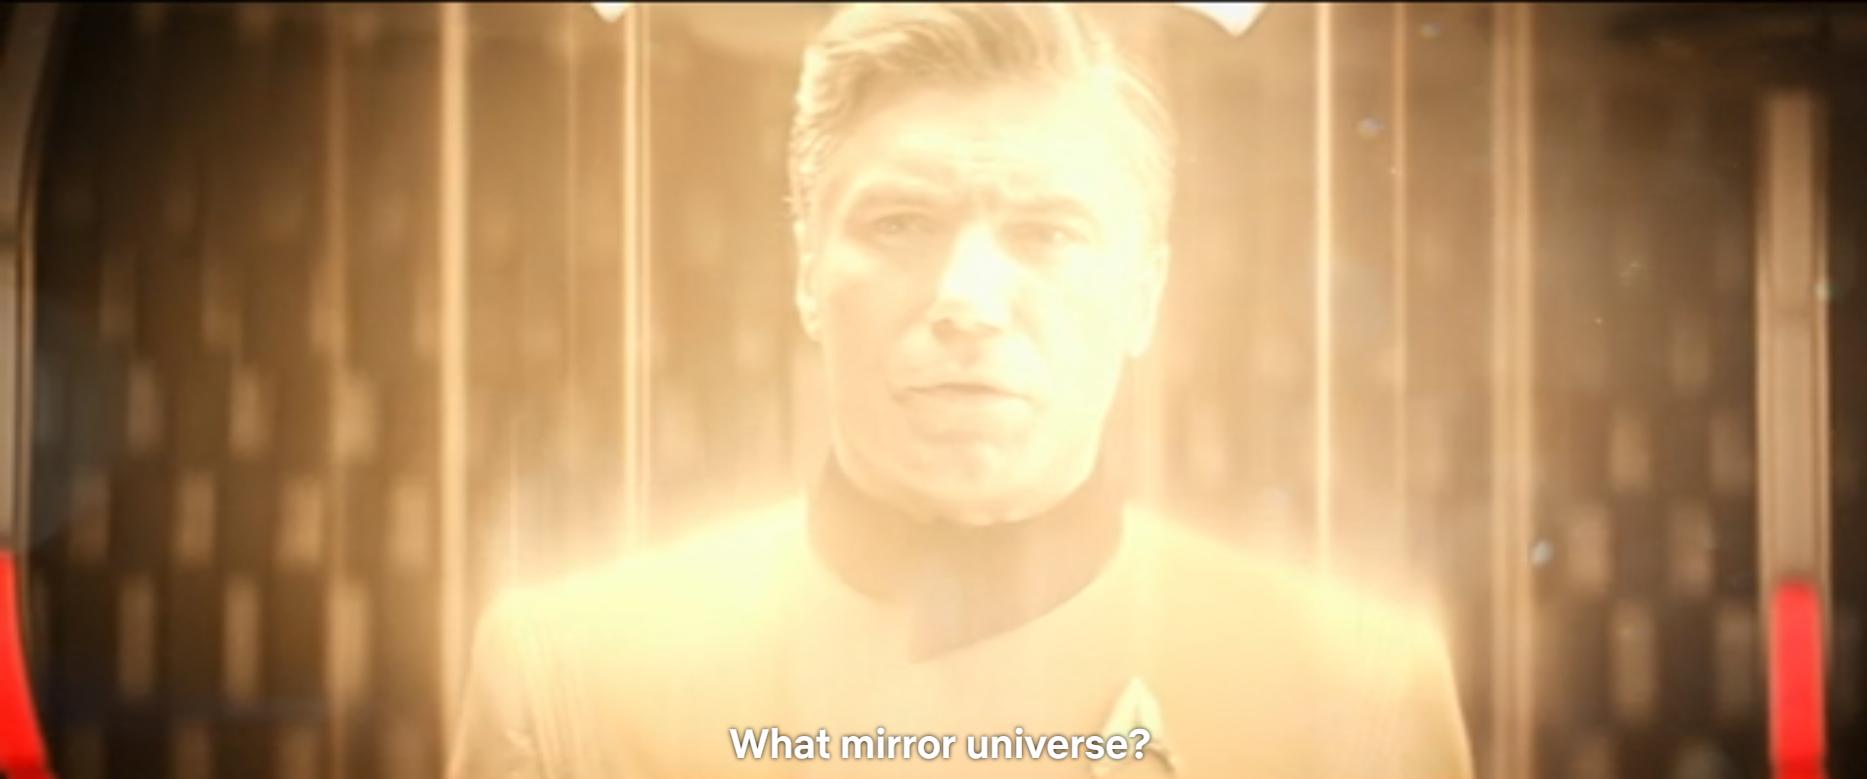 Mirror universe...